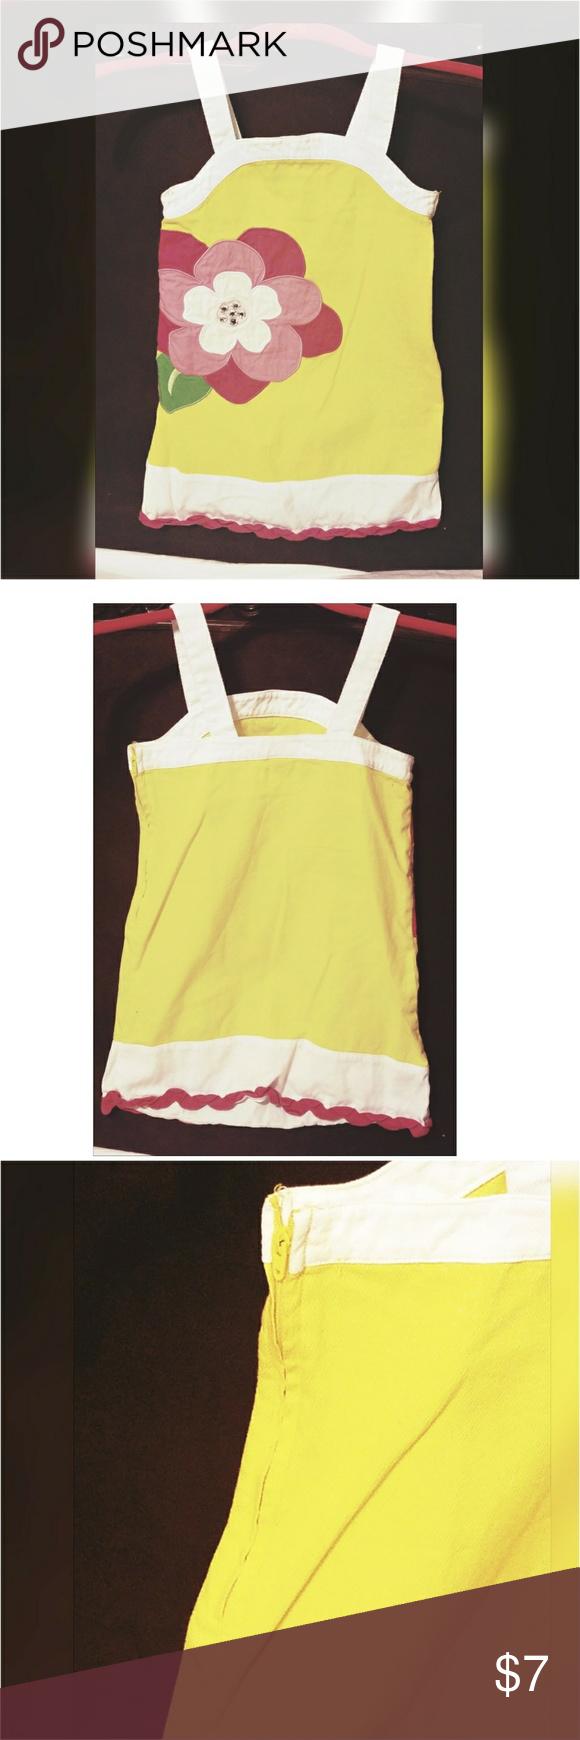 Sold Yellowflowergirls 5t Posh Ebay Mercari